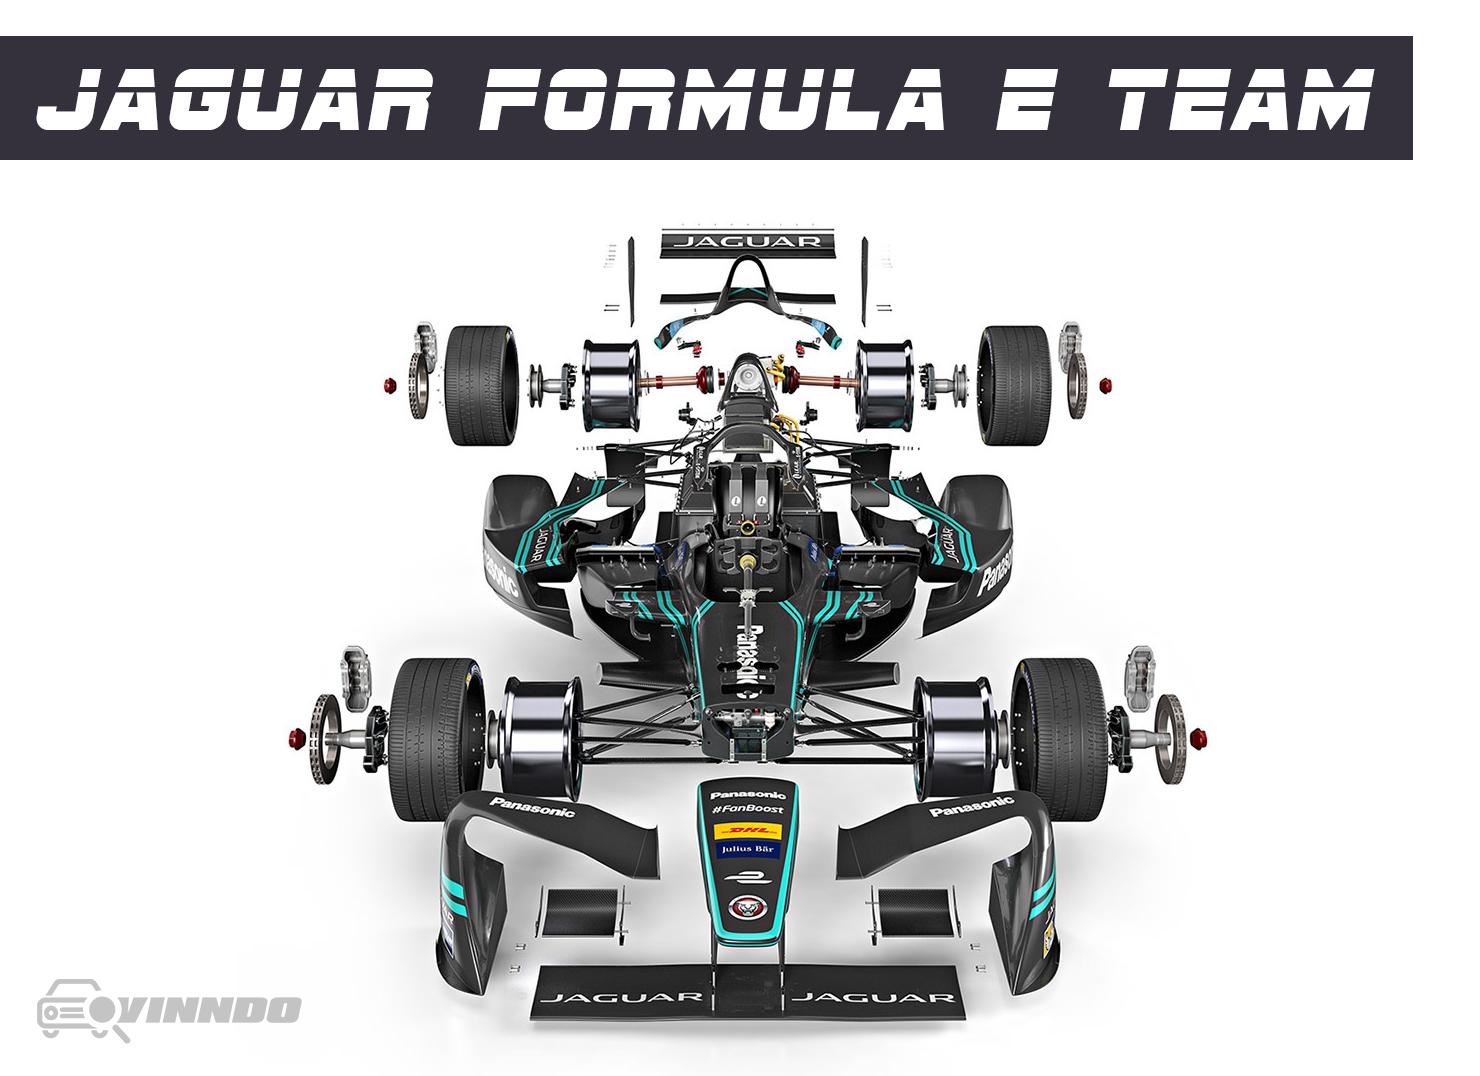 Jaguar Auto Parts >> Jaguar Formula E Team Vinndo App Automotive Auto Parts Seller